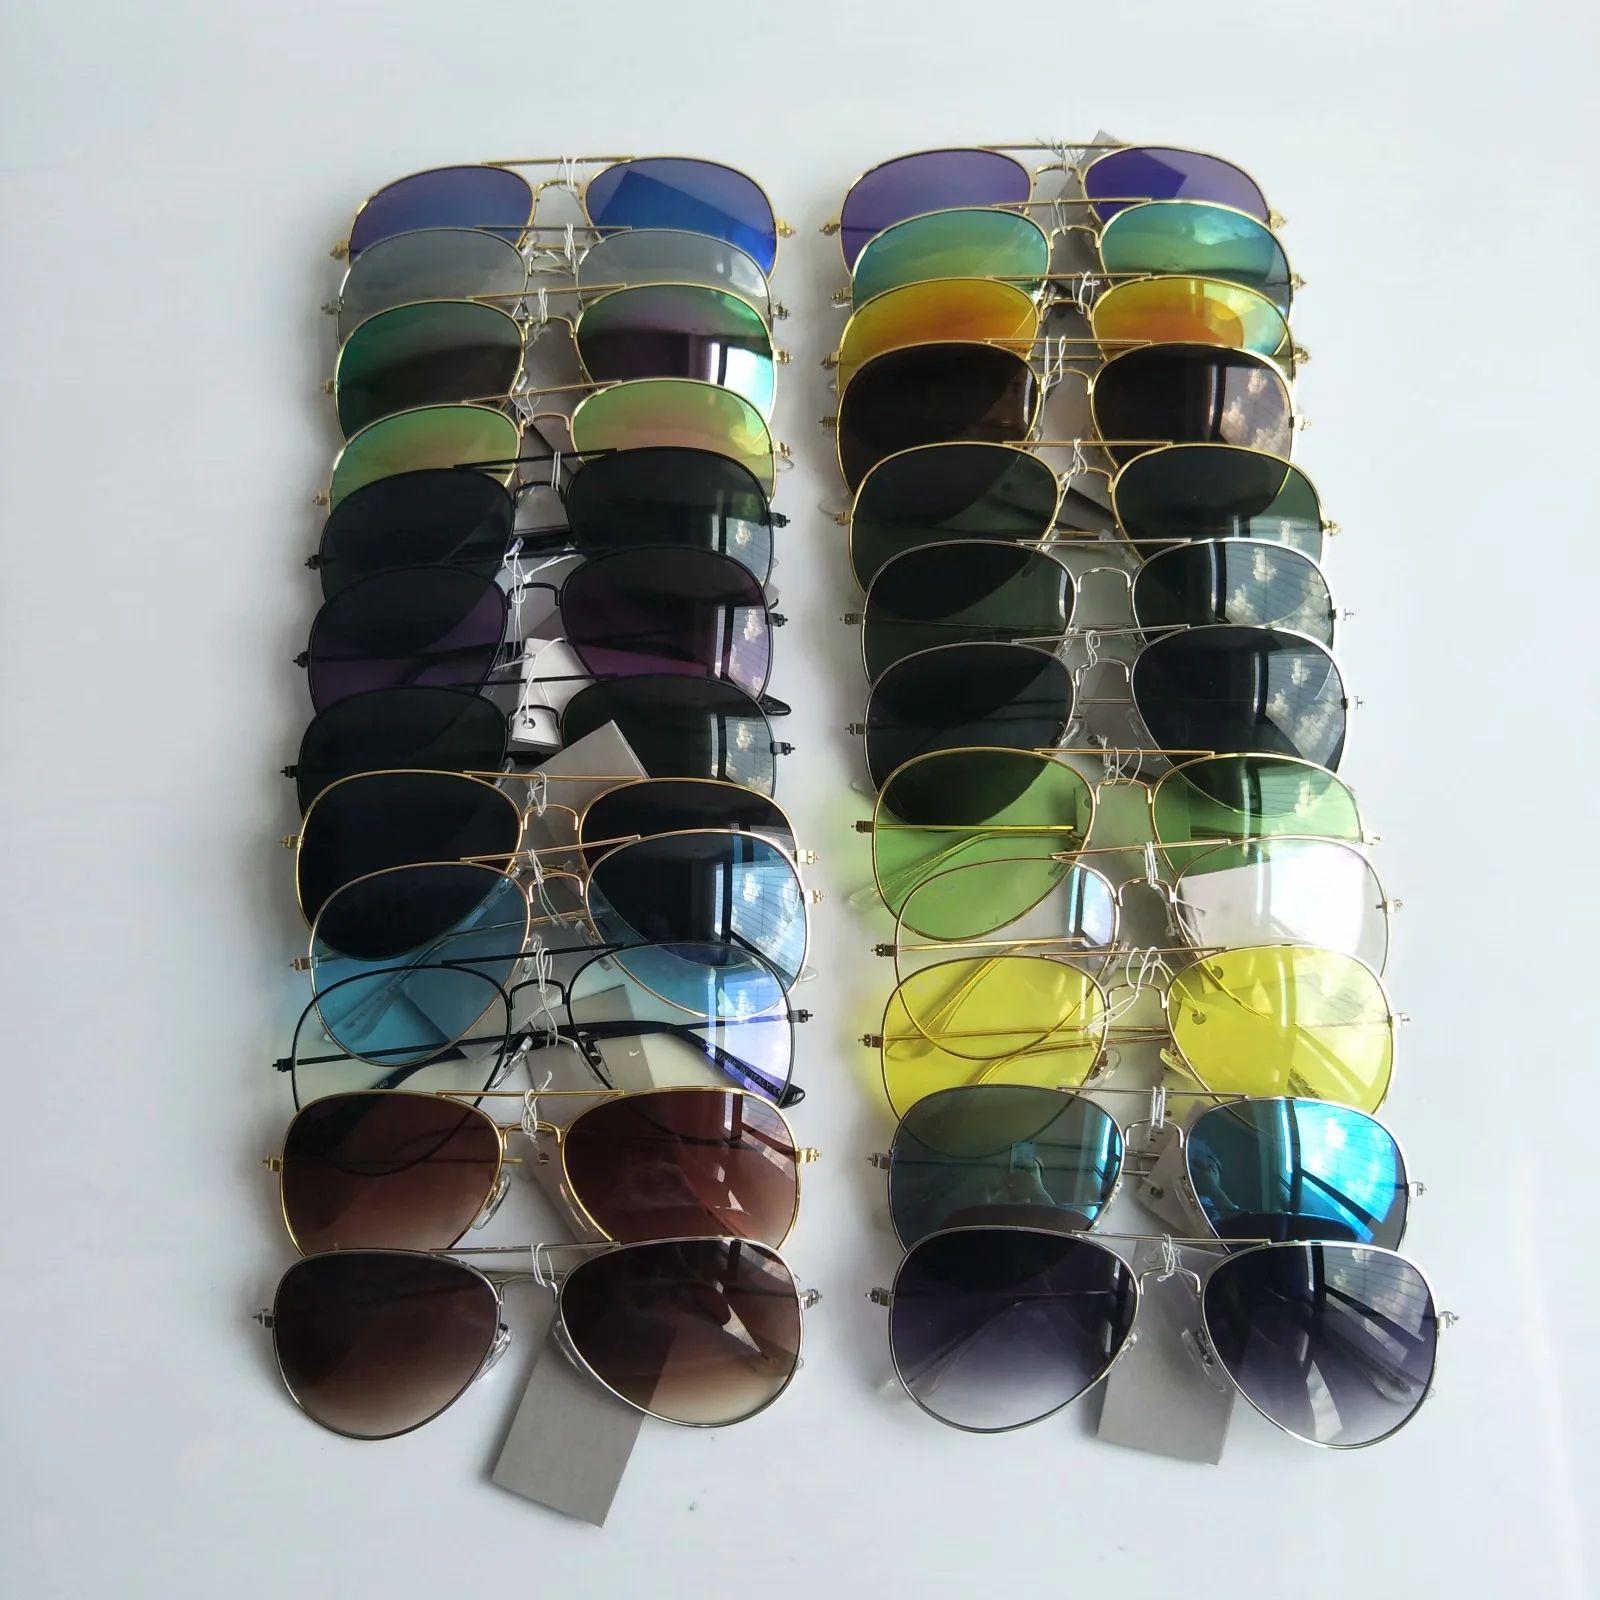 الطيار الكلاسيكي النساء النظارات الشمسية الإطار المعادن الراتنج الرجال نظارات الشمس حماية العين uv400 ماركة ماركة نظارات بالجملة 58mm 24 الألوان